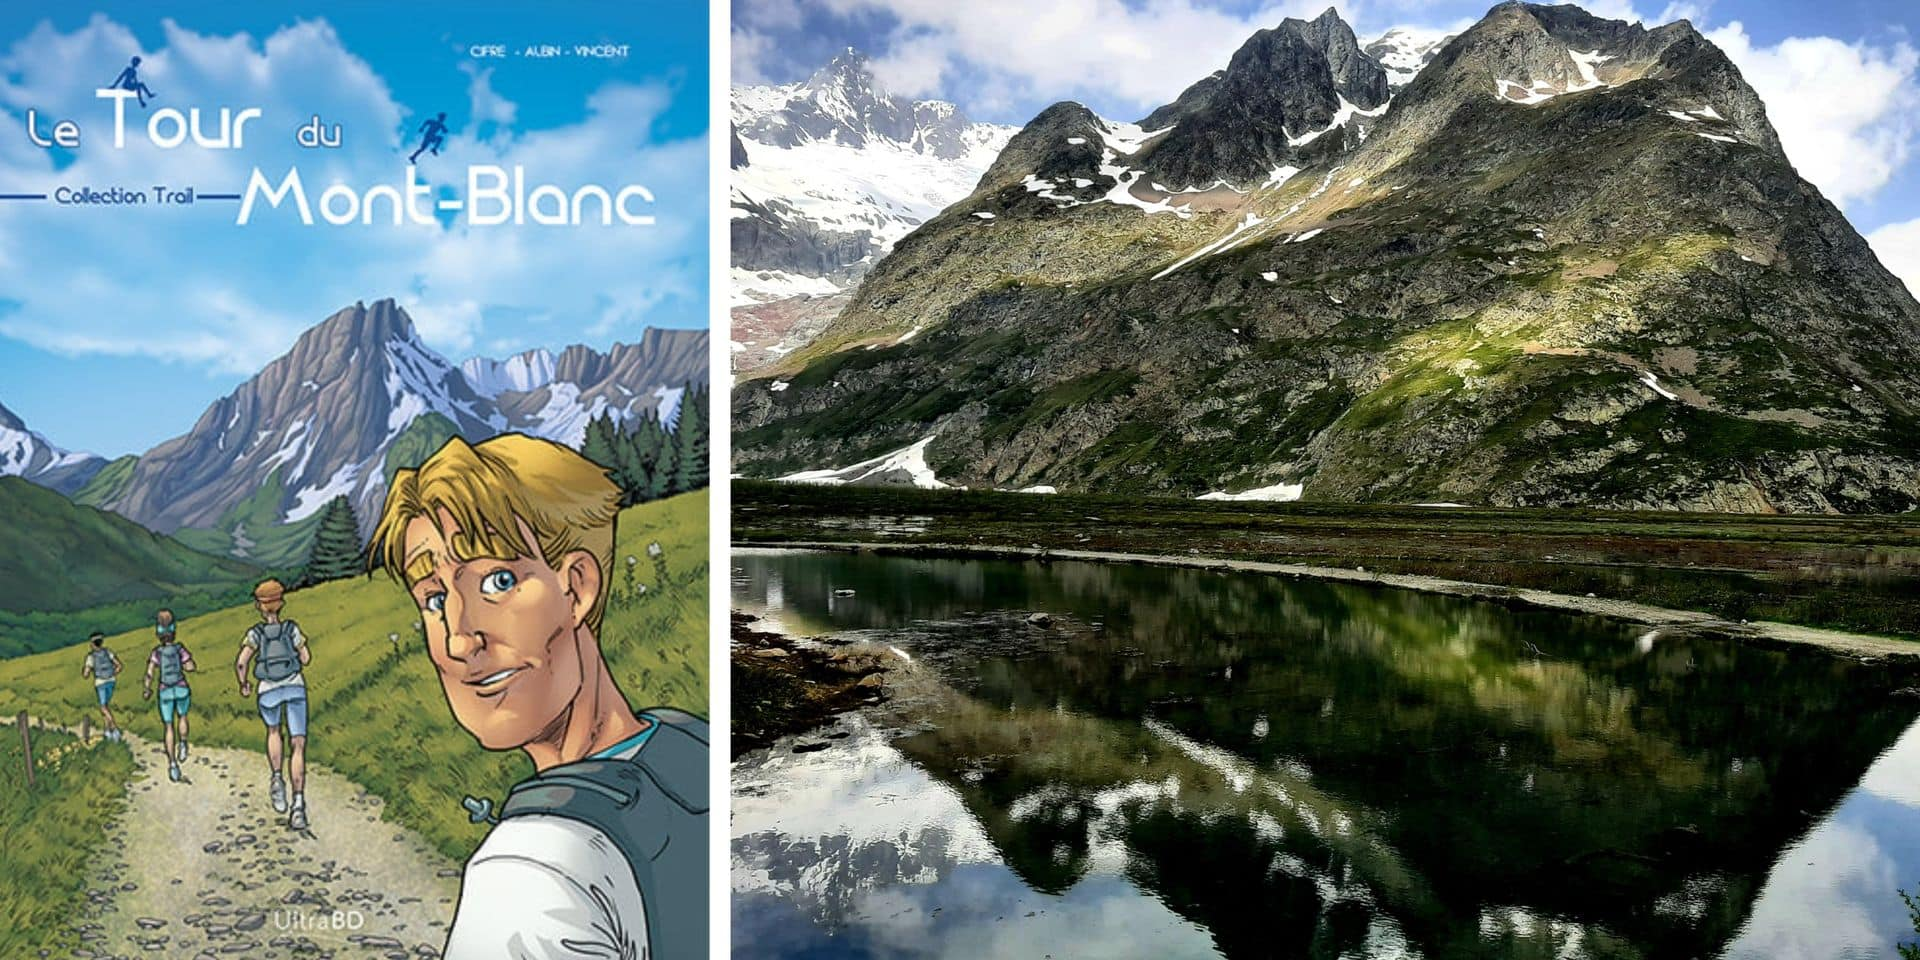 Le Tour du Mont-Blanc se décline en bande dessinée